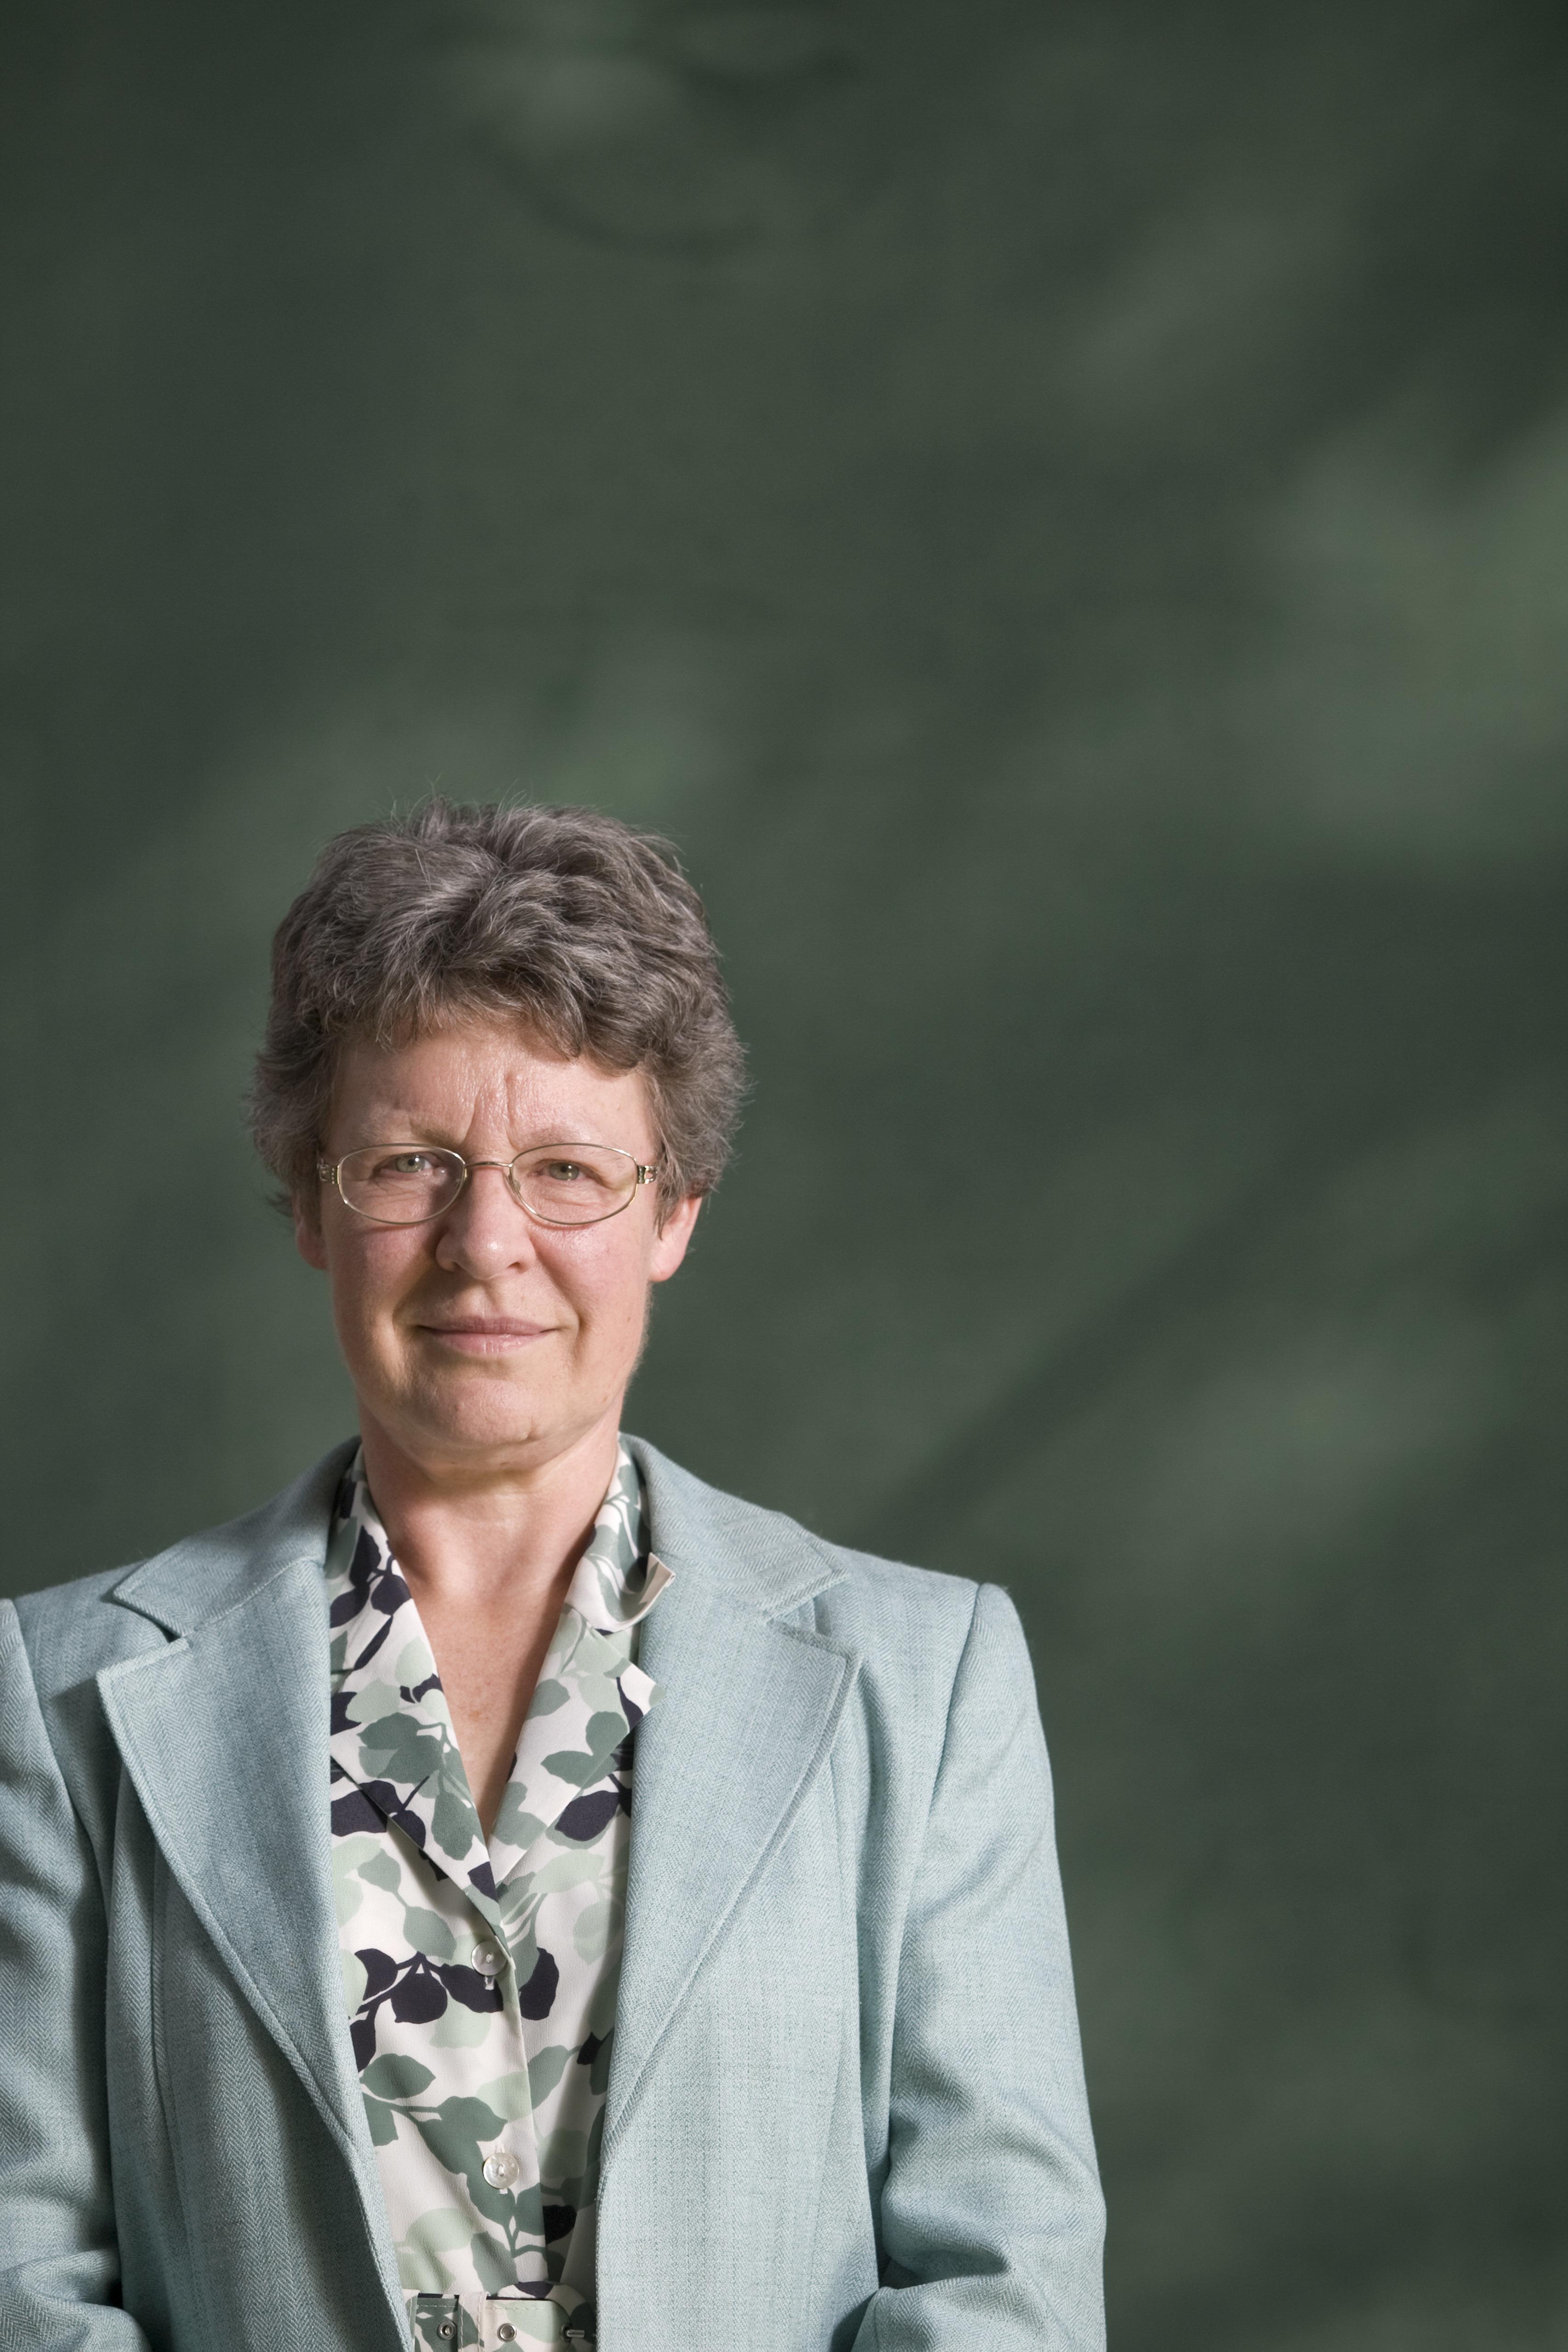 남성 지도교수가 자신의 업적으로 '노벨상' 받는 걸 지켜봐야 했던 여성 과학자가 걸어온